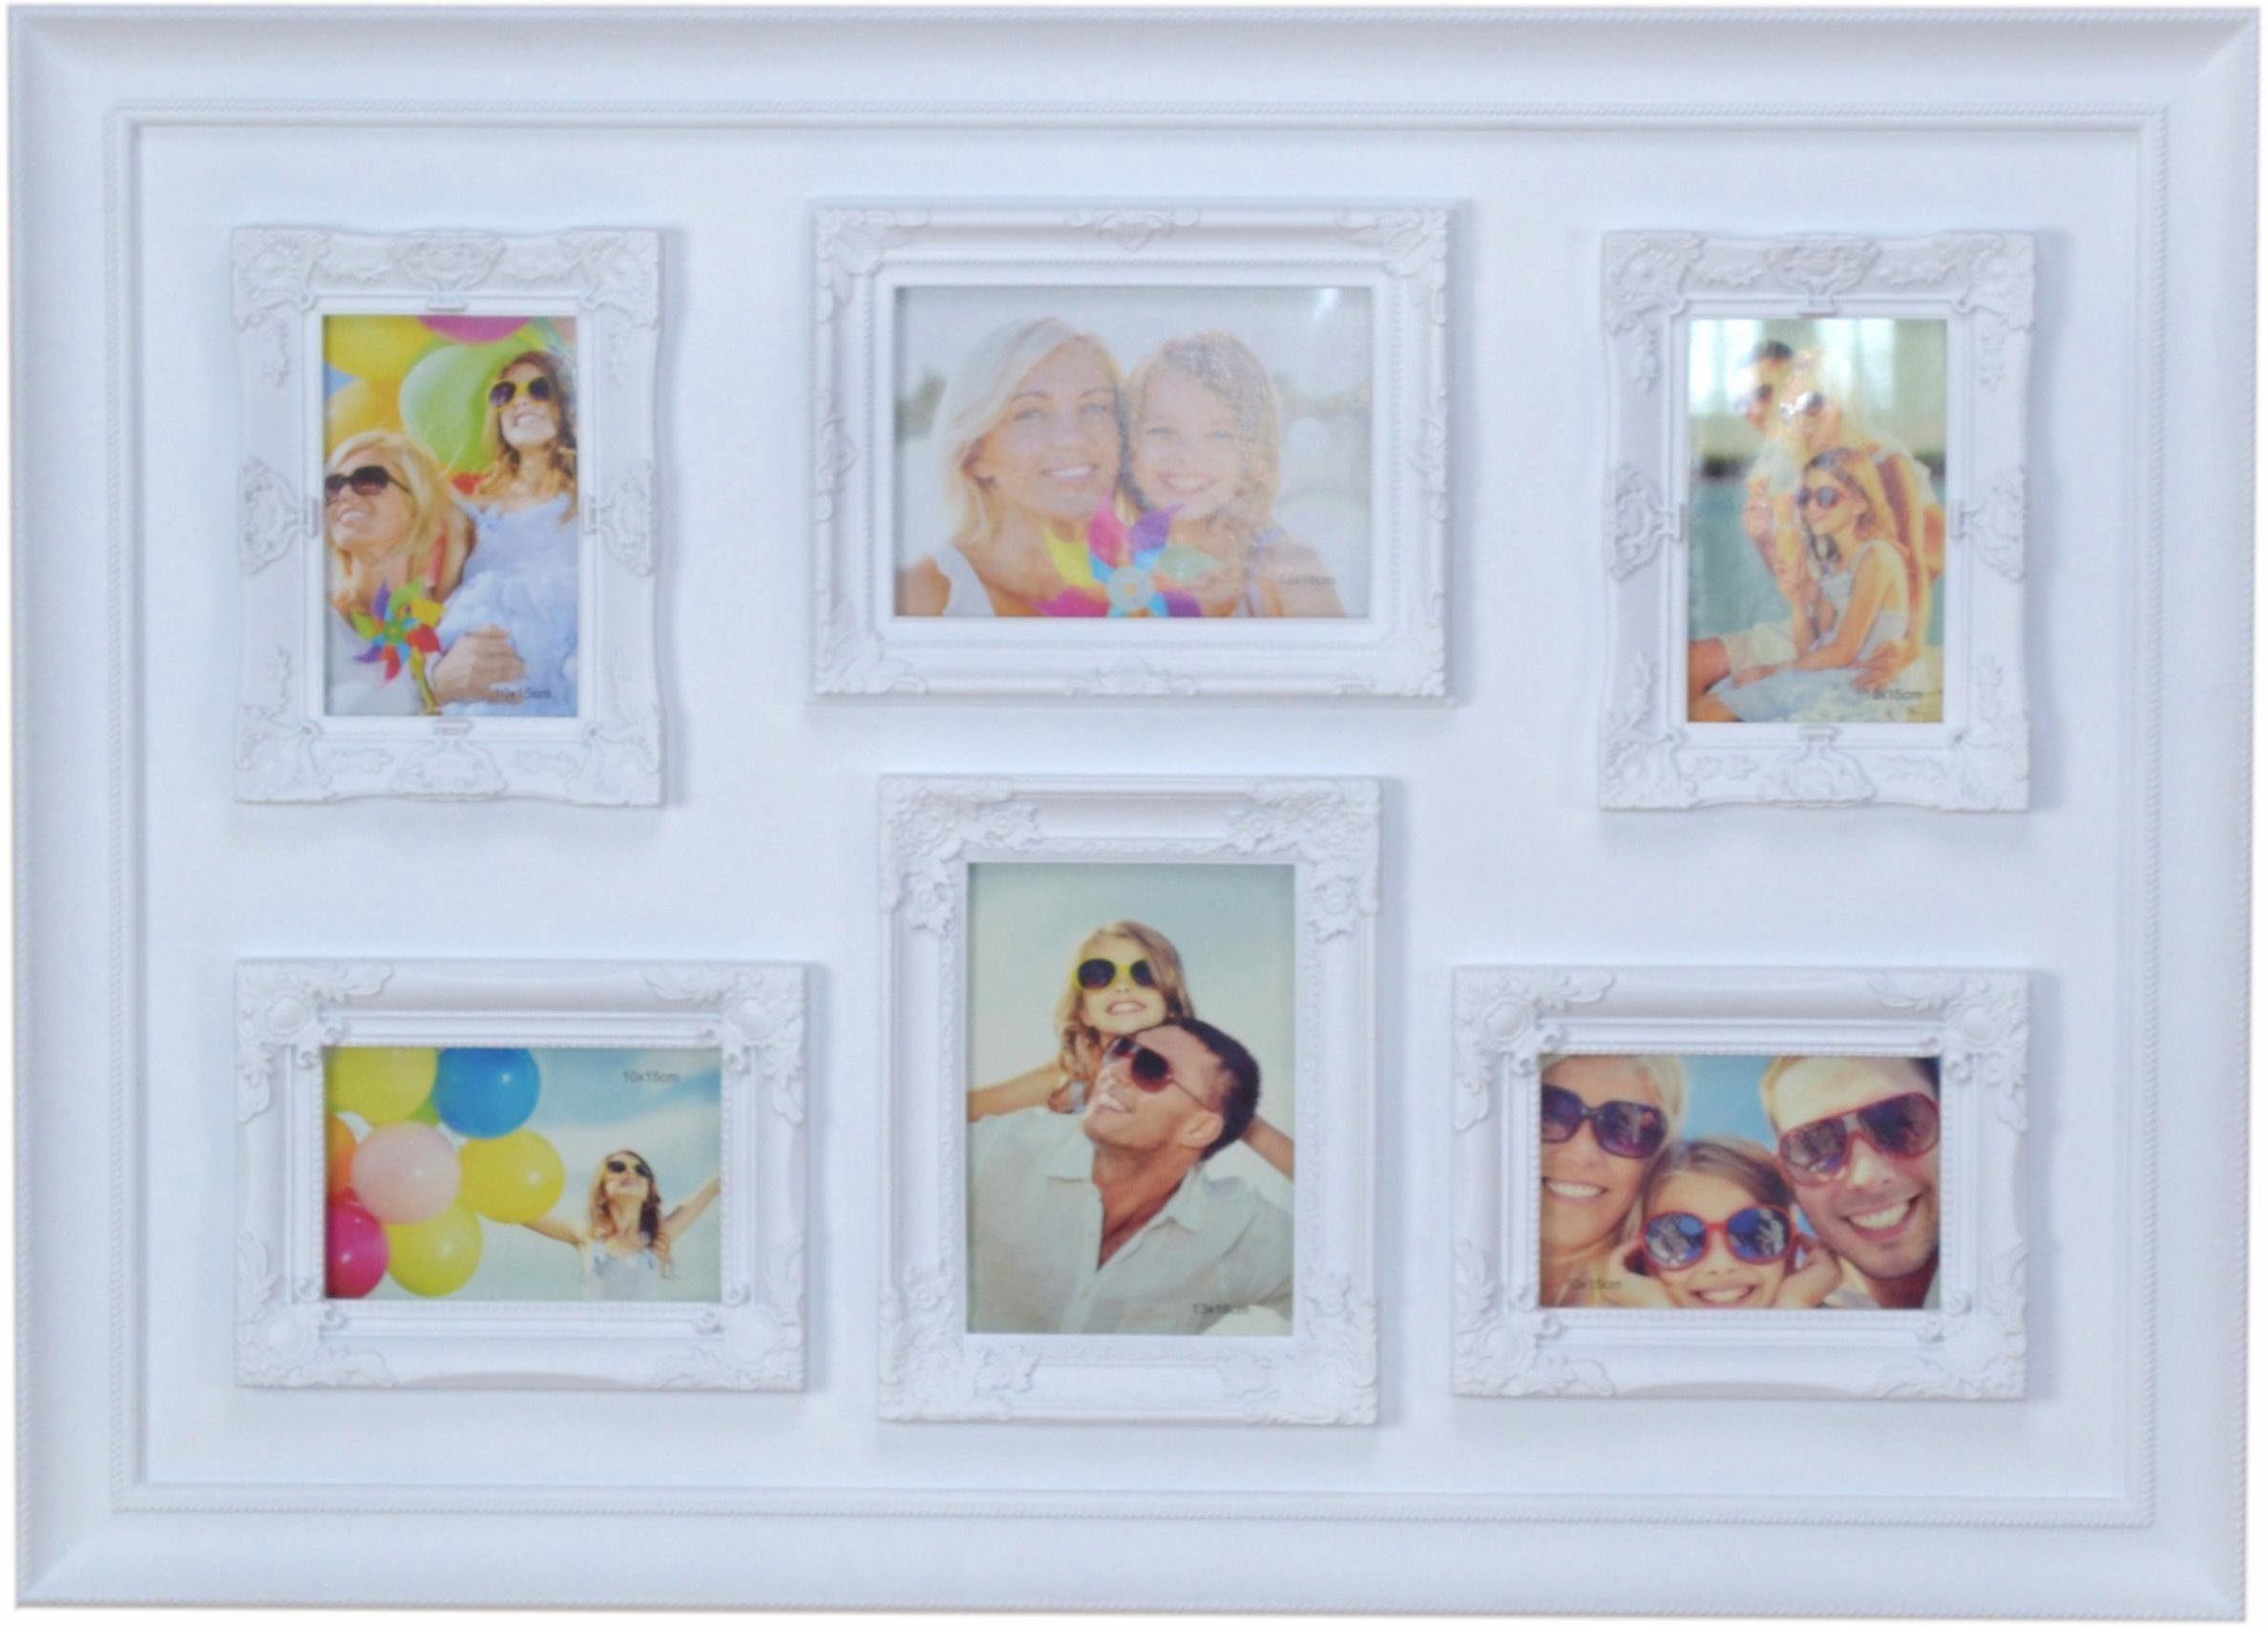 Home affaire Bilderrahmen, für 6 Bilder, mit Rahmenprofilierung für 6 Fotos